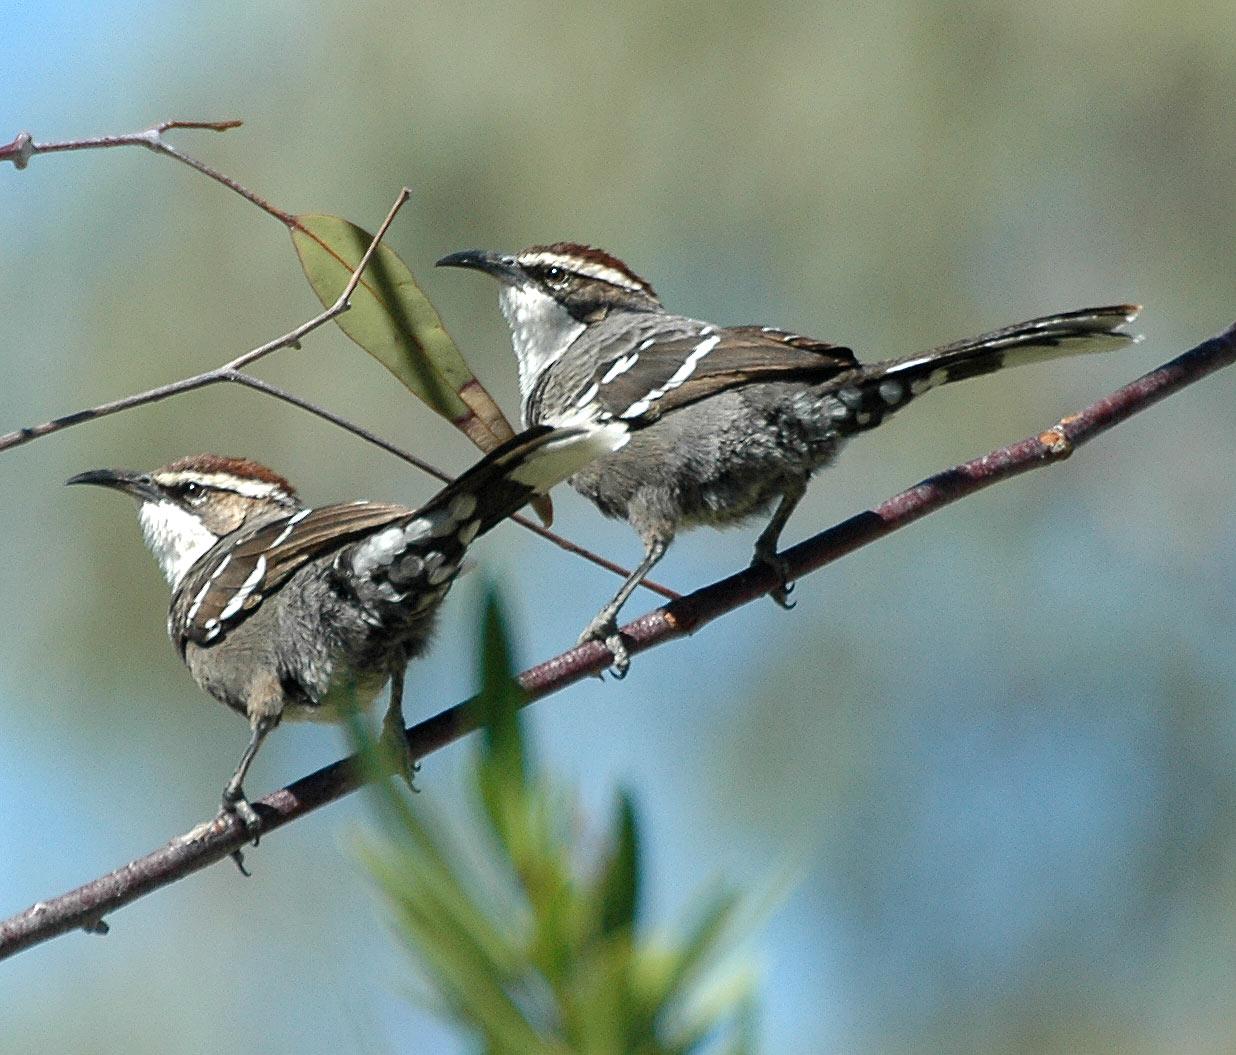 Descubren un elemento del lenguaje humano en el canto de un pájaro ...